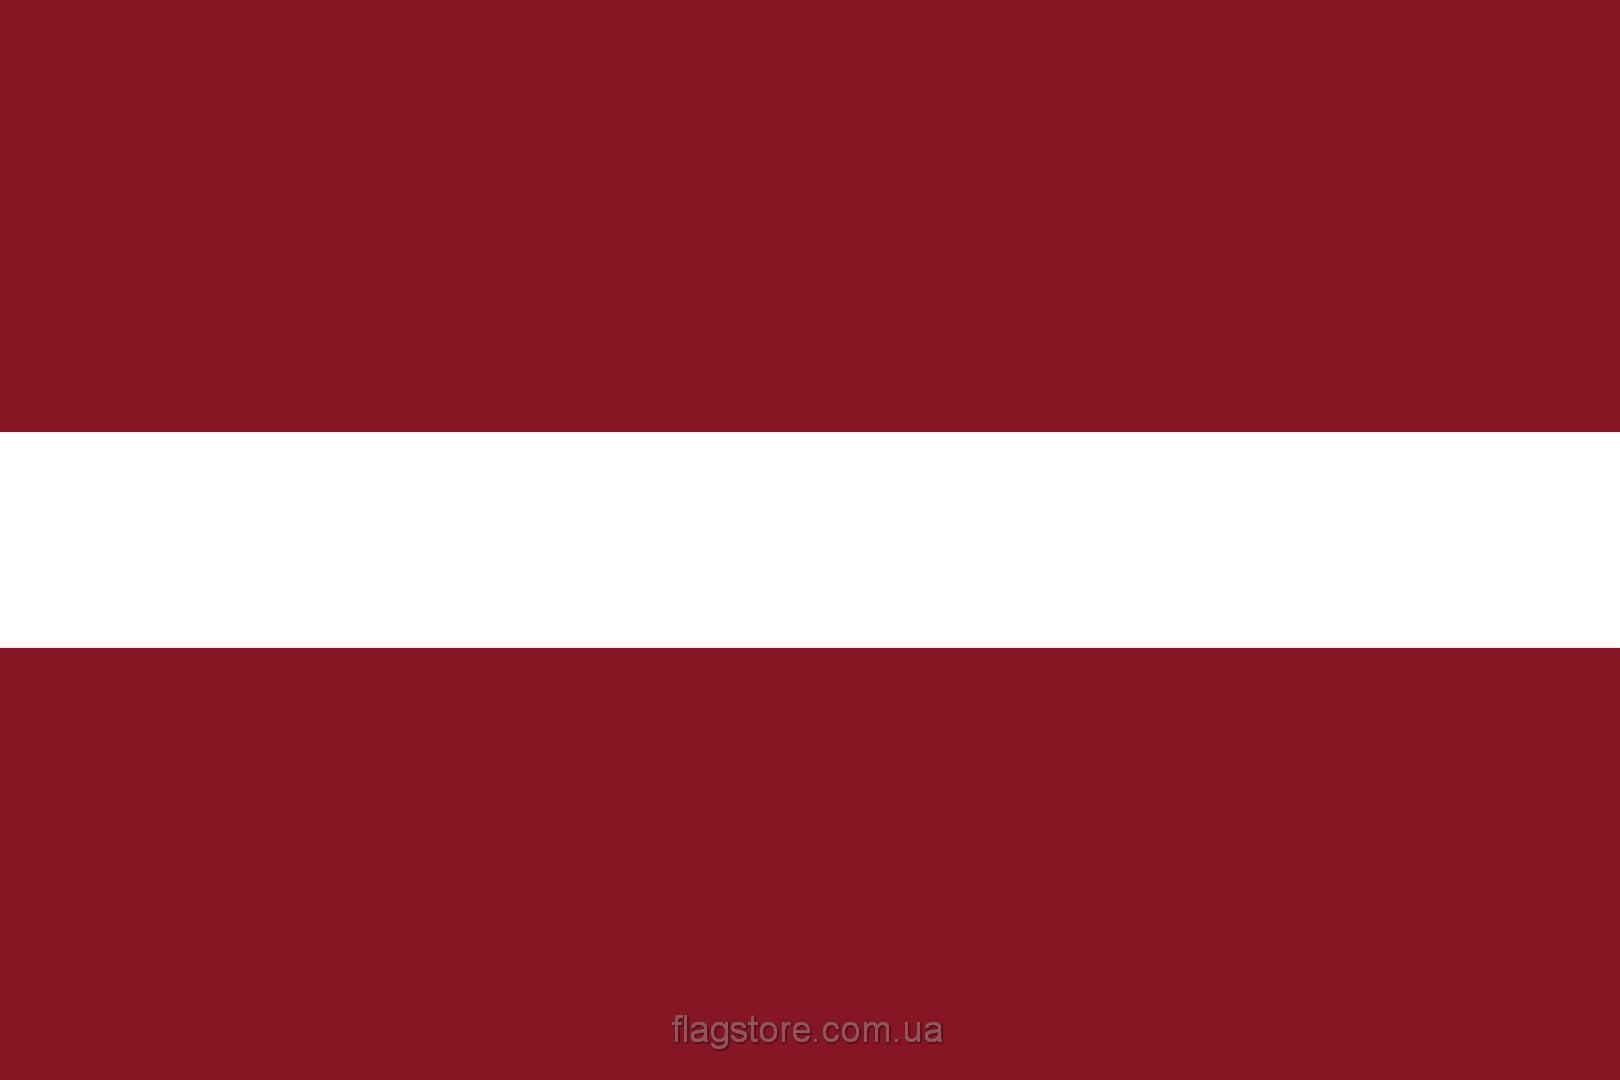 Купить флаг Латвии (страны Латвия)